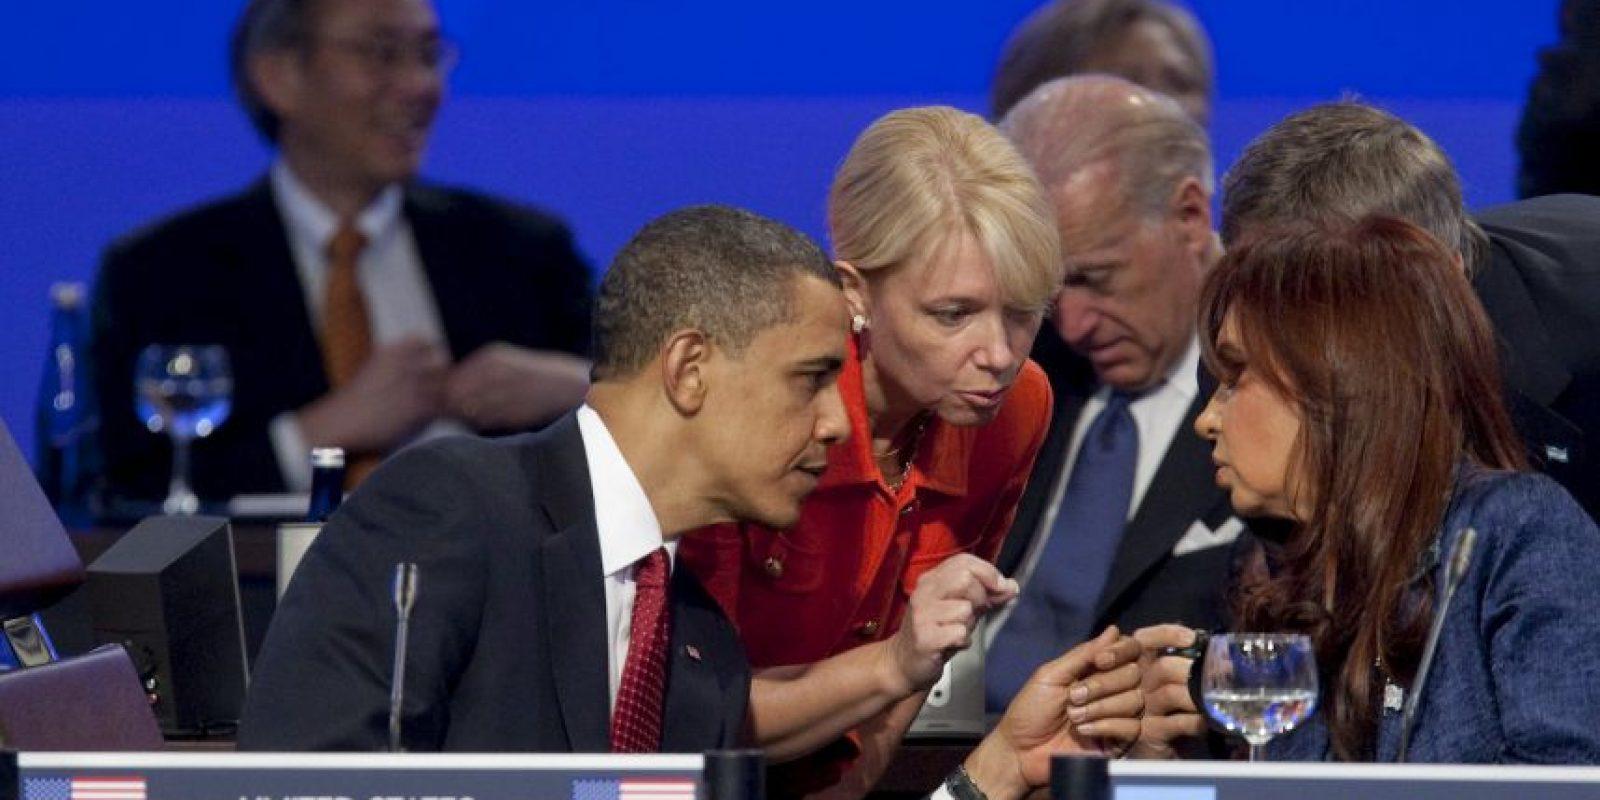 Las relaciones con Estados Unidos han estado tensas desde el inicio de ambos gobiernos Foto:Getty Images